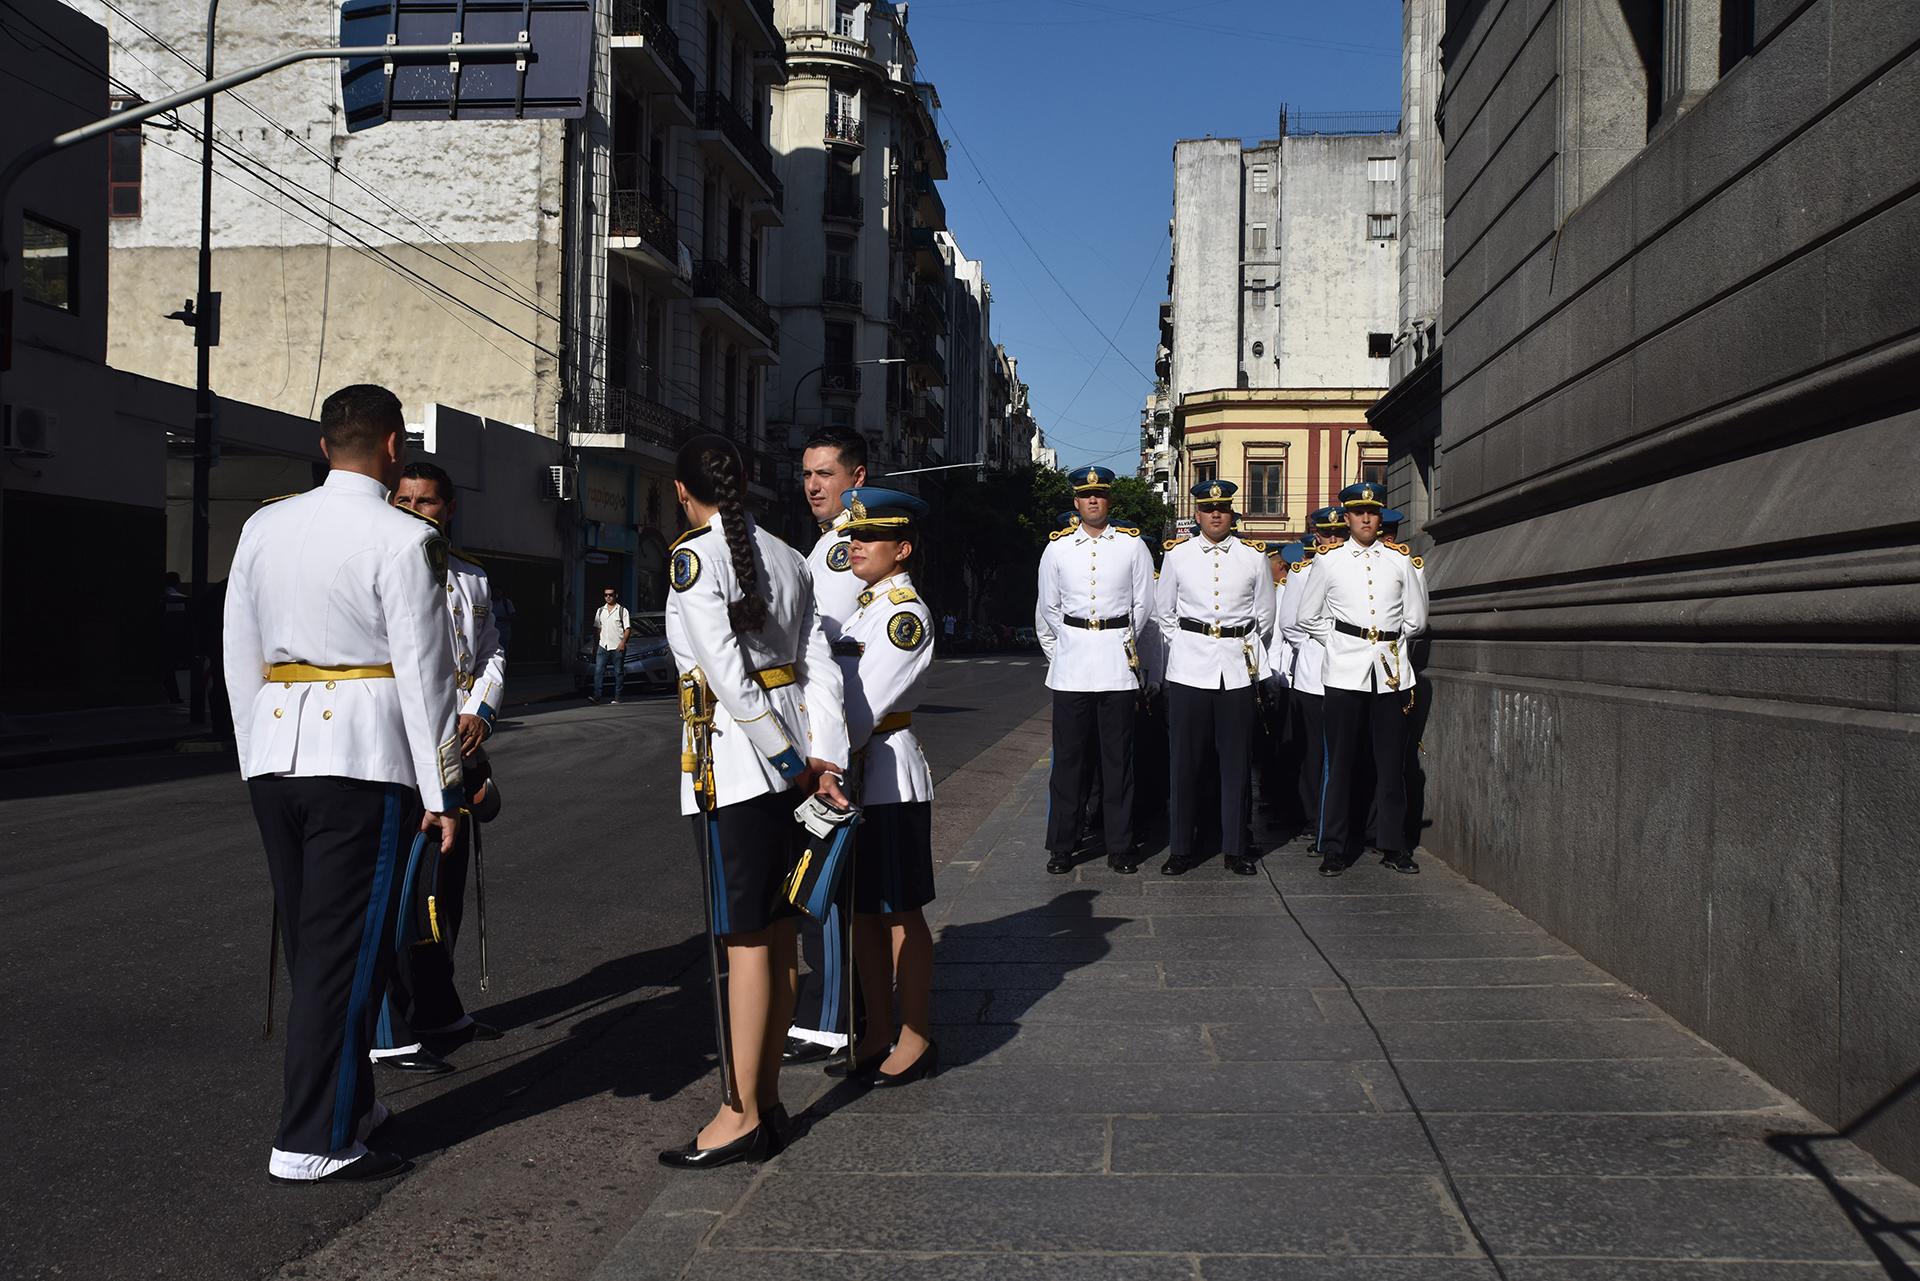 En primer turno, alrededor de las 11:30, Michetti le tomará juramento a Cristina Kirchner, quien se convertirá en vicepresidenta.